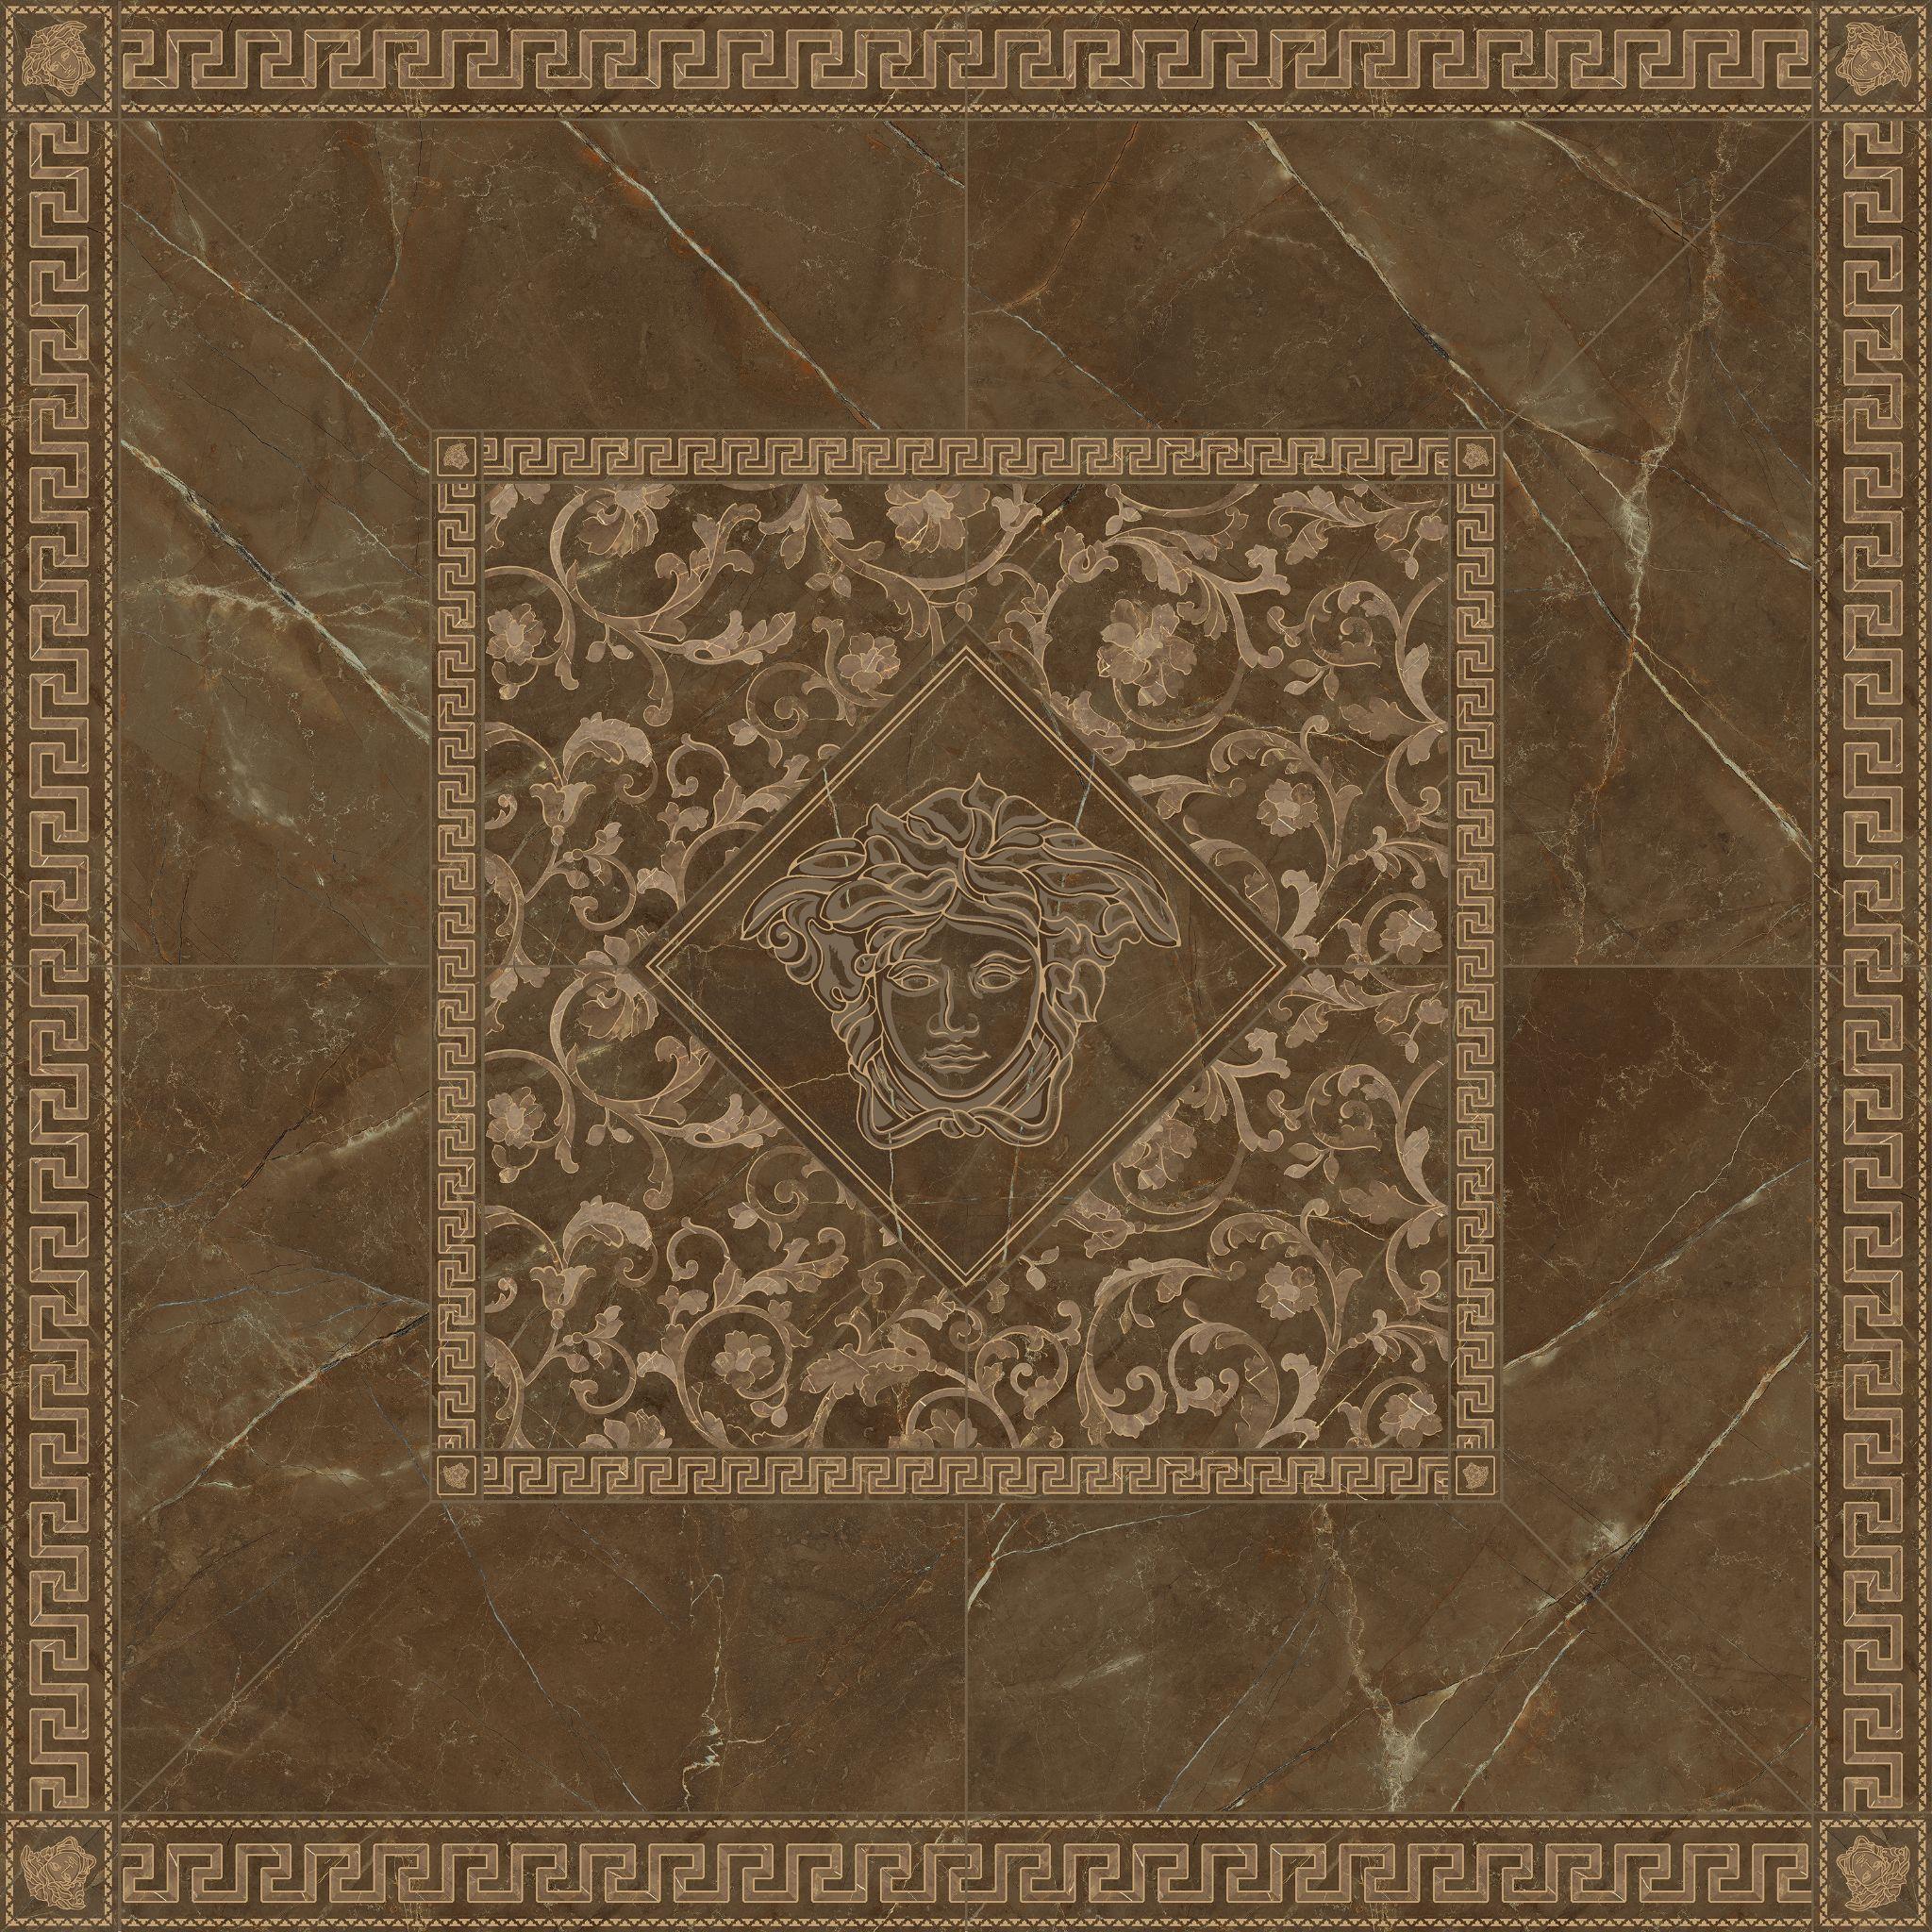 意大利进口奢侈品品牌范思哲(VERSACE)瓷砖ETERNO系列262603